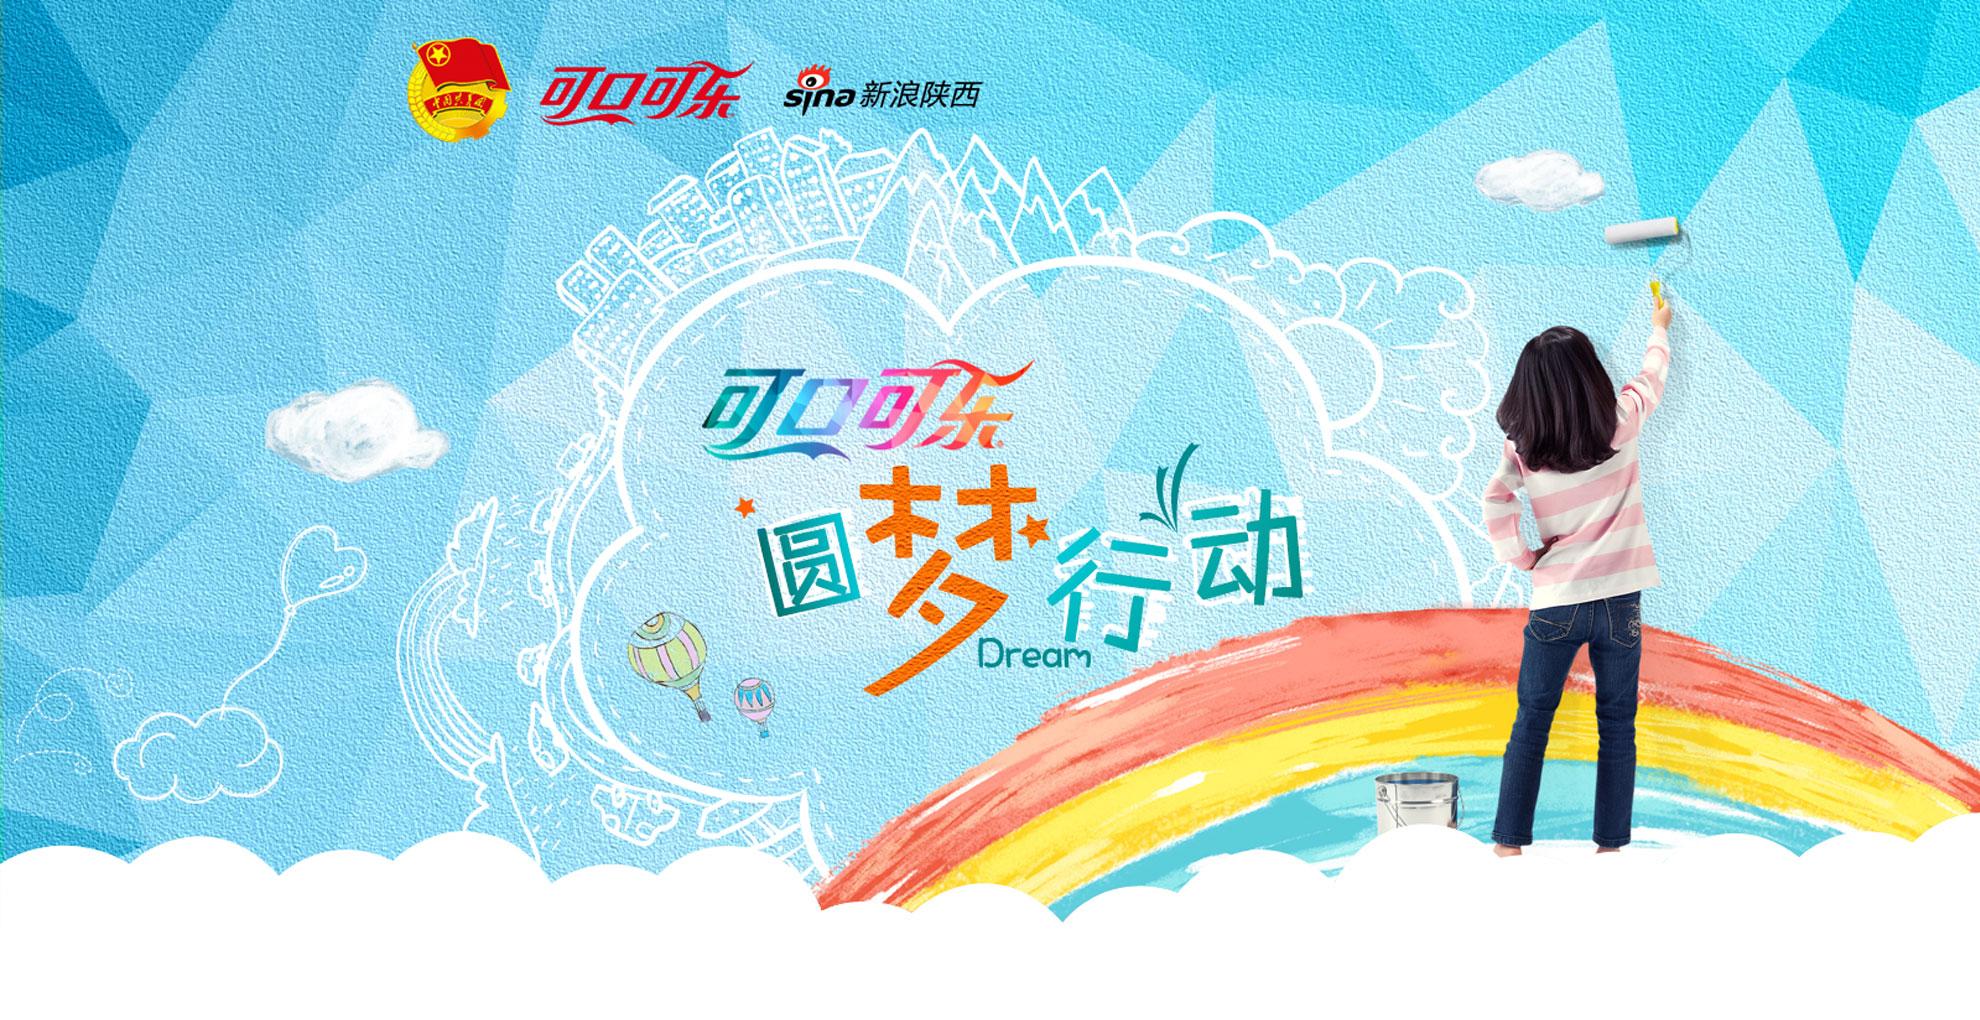 新浪陕西总经理付士山呼吁企业参与爱心活动